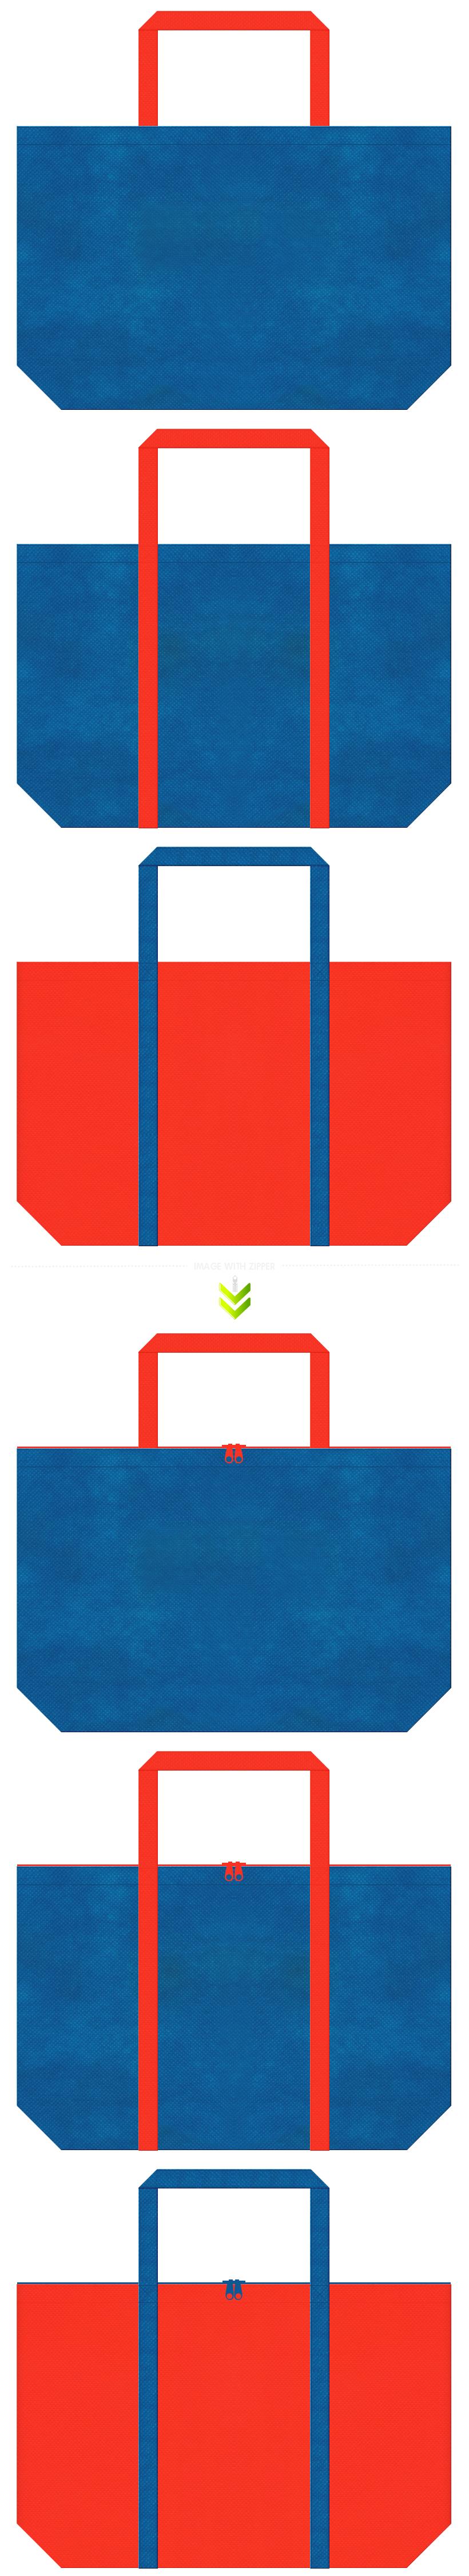 青色とオレンジ色の不織布エコバッグのデザイン。